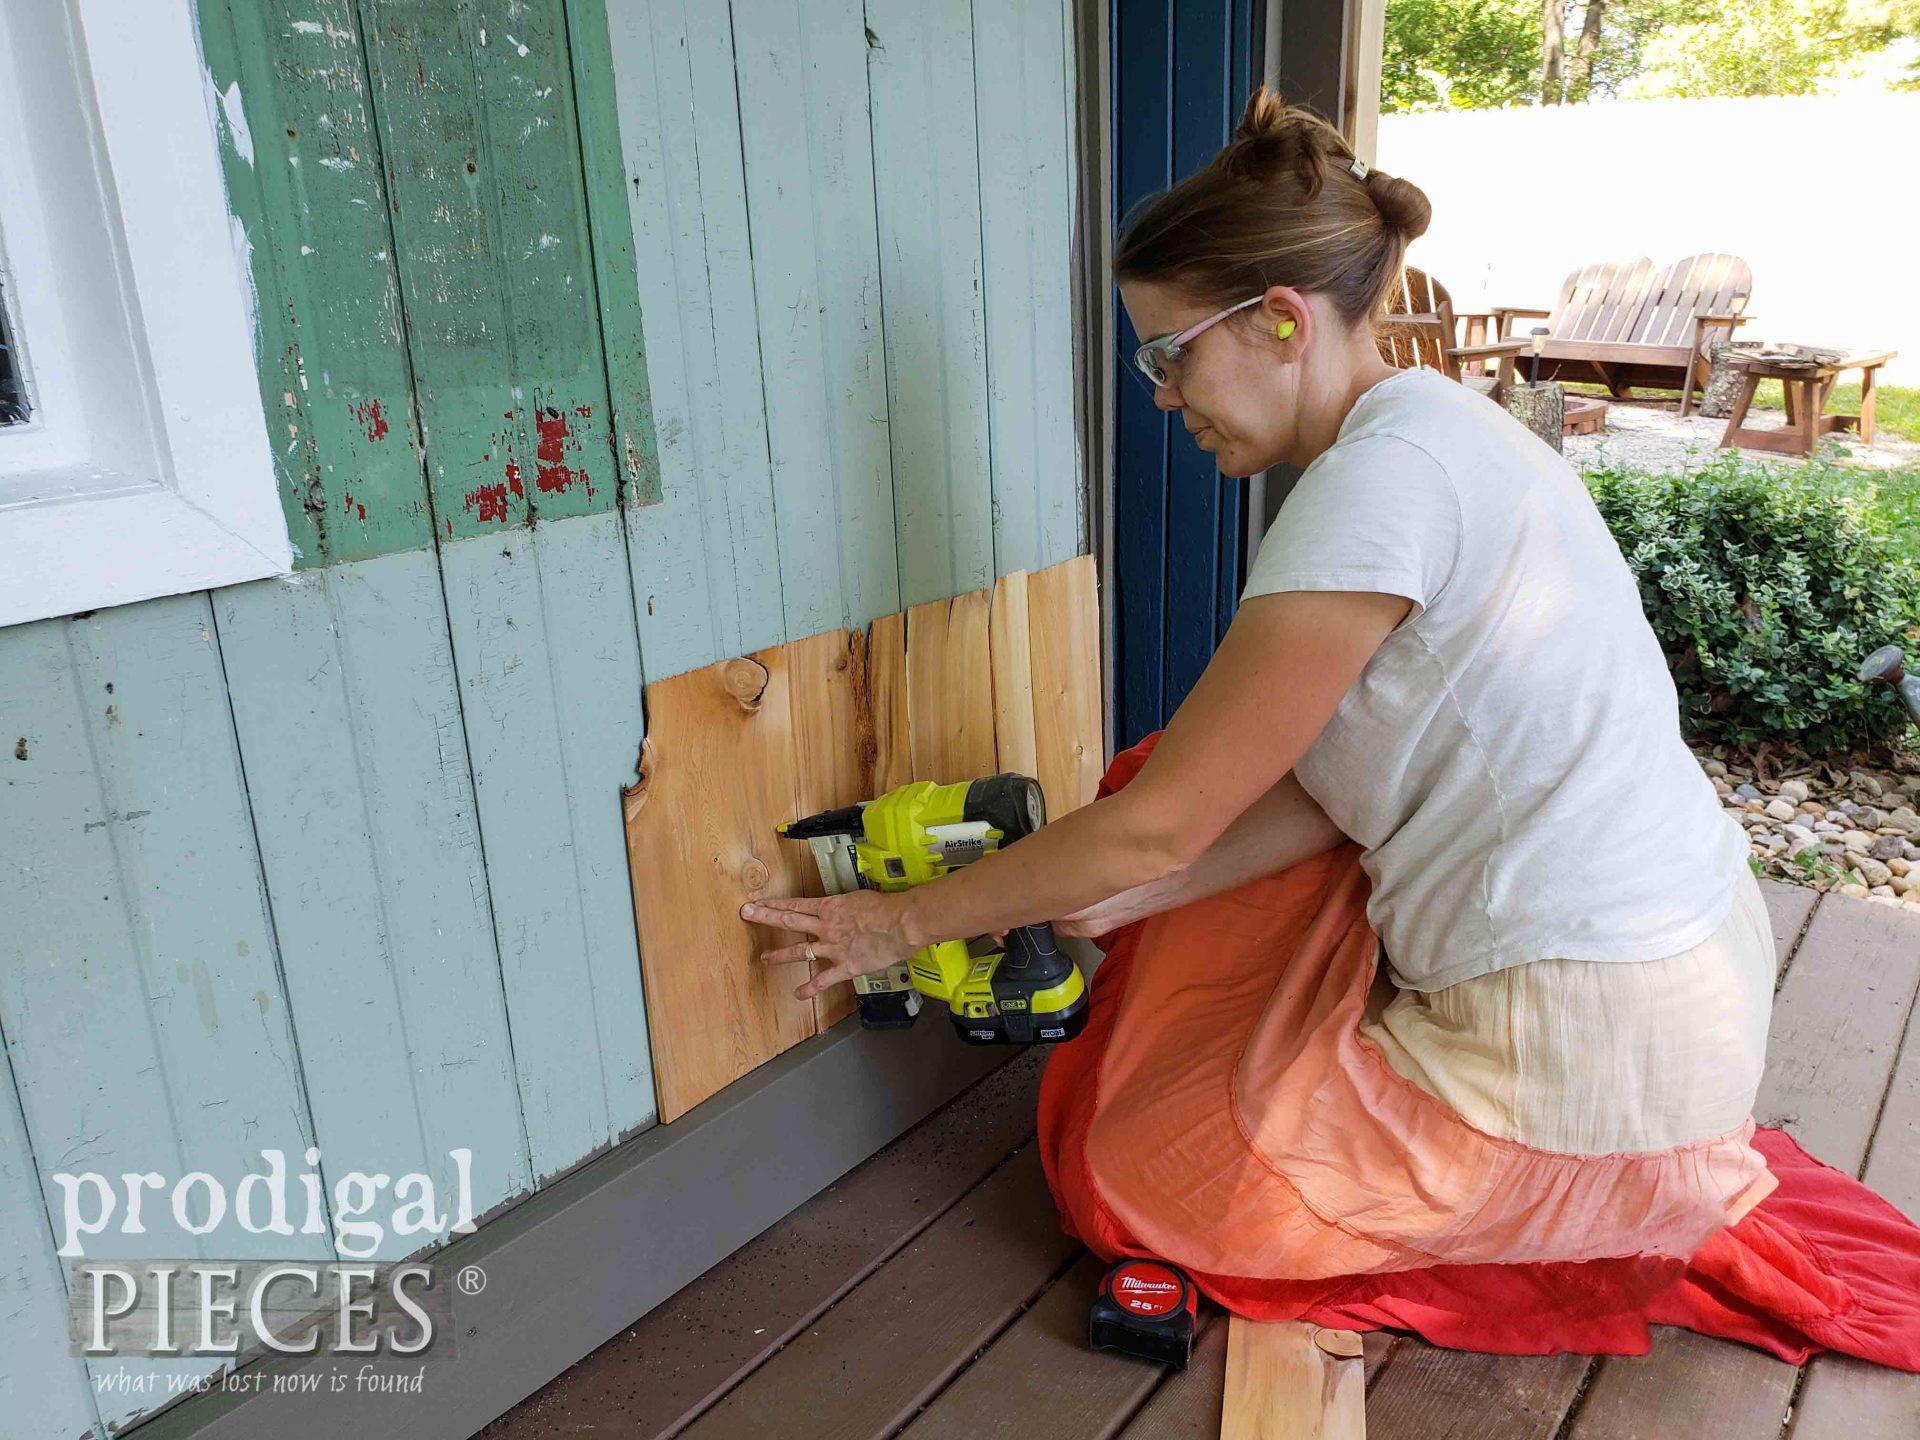 Stapling Cedar Shake Siding to Garden Shed | prodigalpieces.com